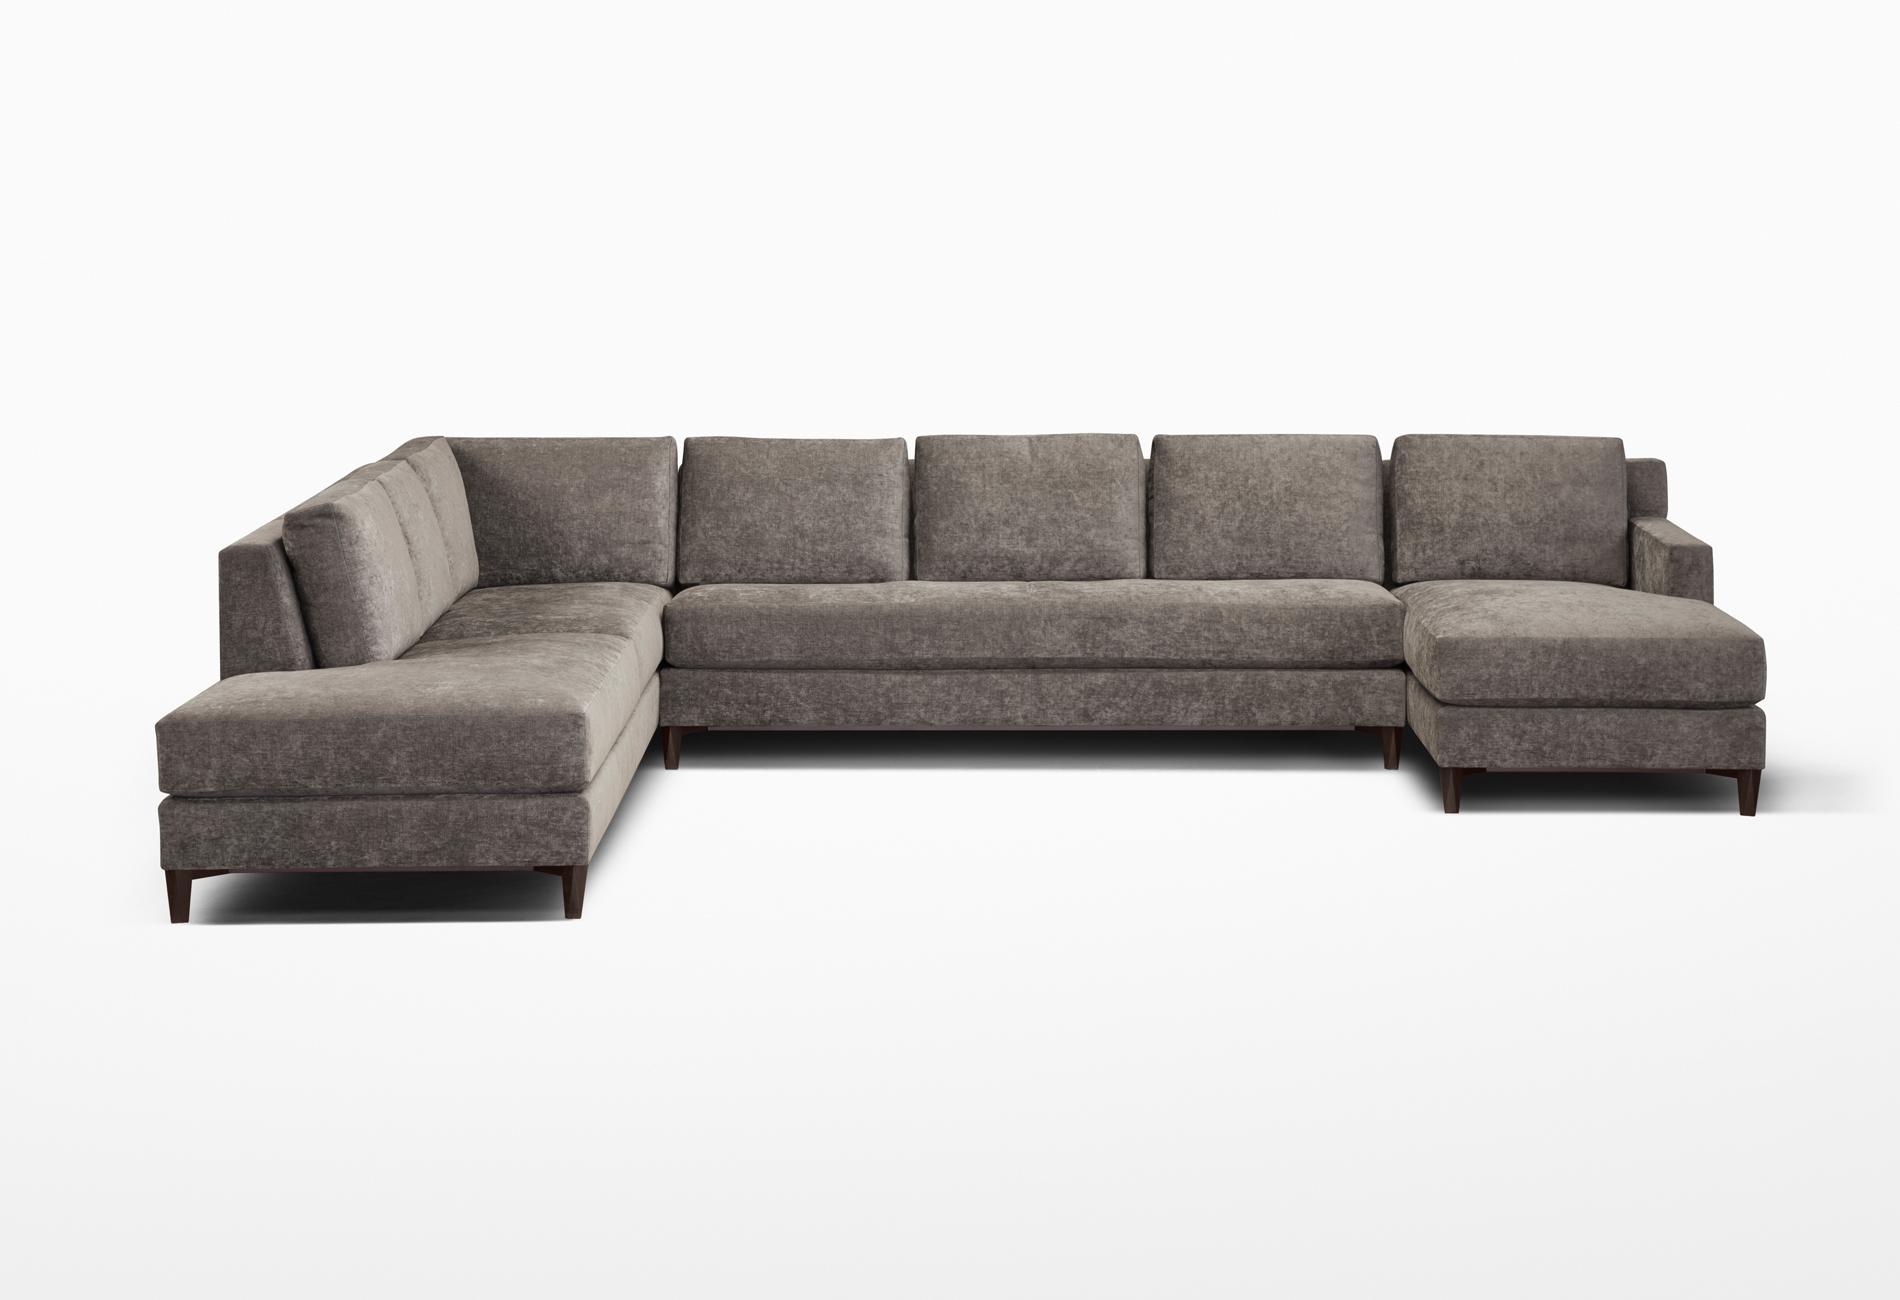 CMS Custom Sectional Sofa 003 (1).jpg